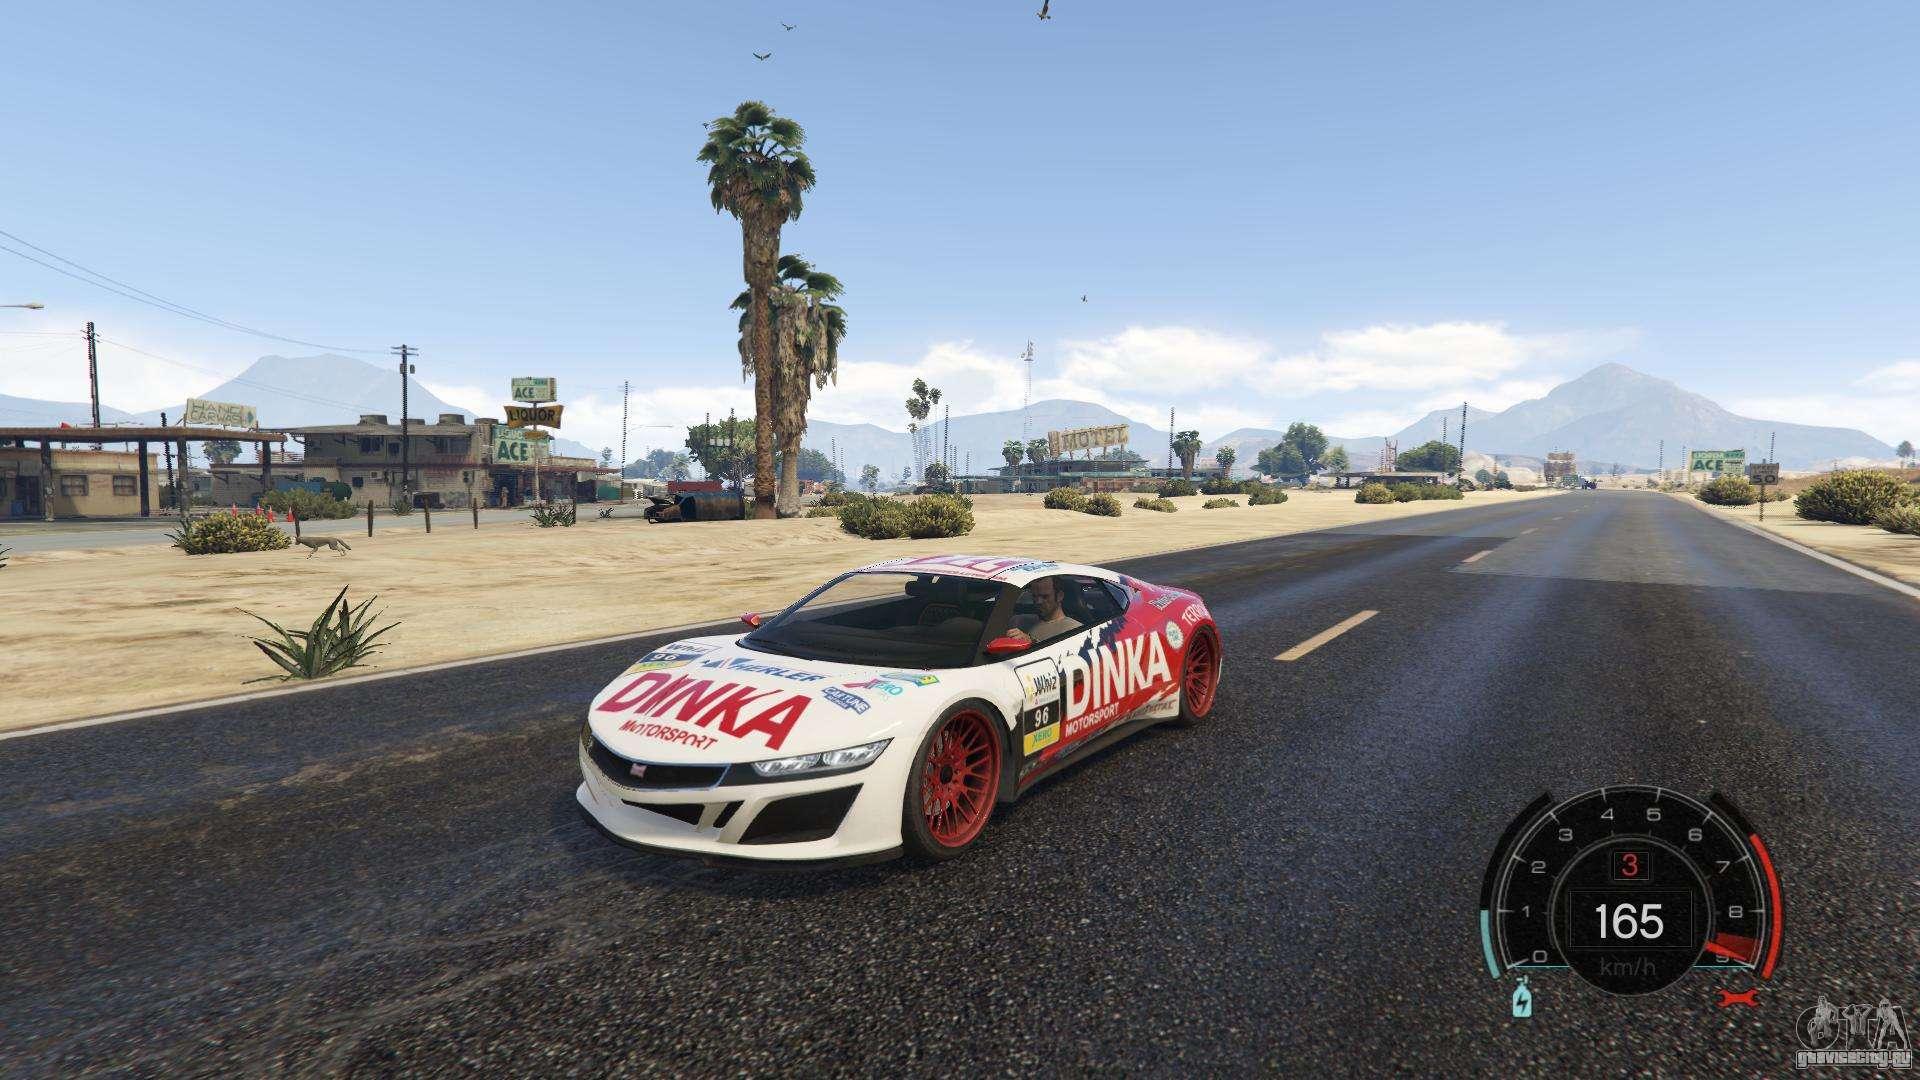 Моды для nfs hot pursuit 2 русские машины - 1